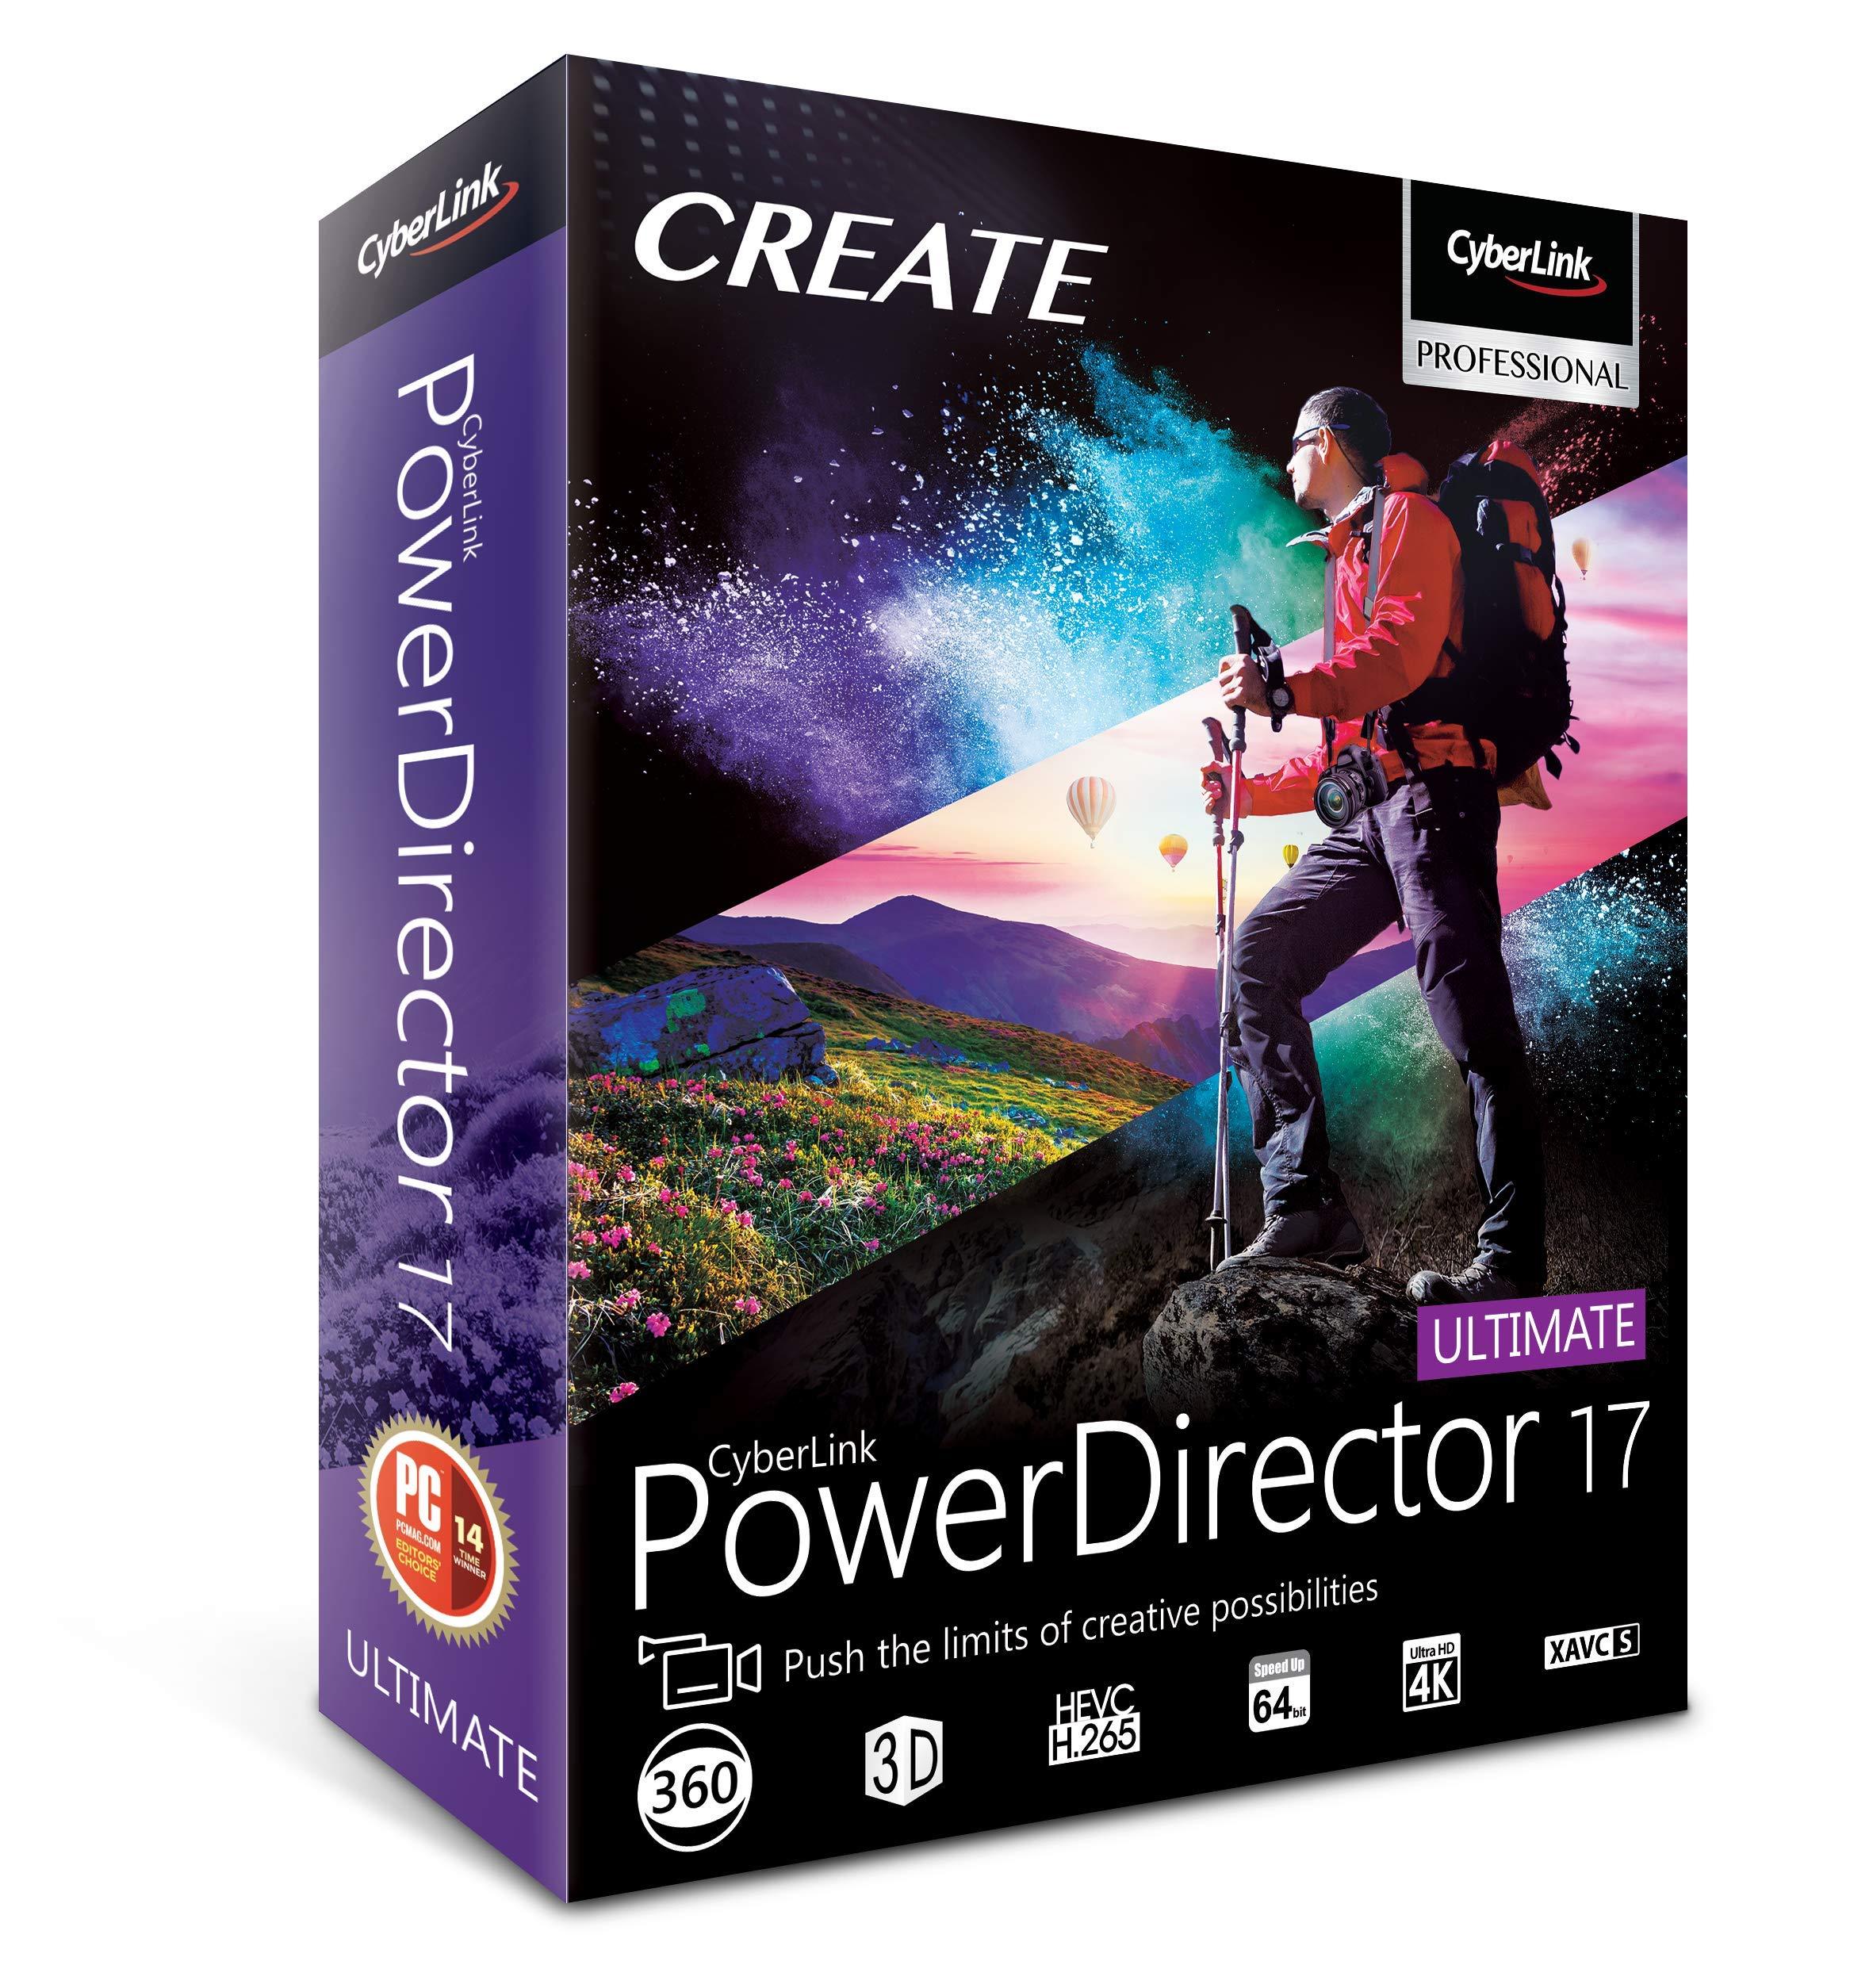 Cyberlink PowerDirector 17 Ultimate by Cyberlink